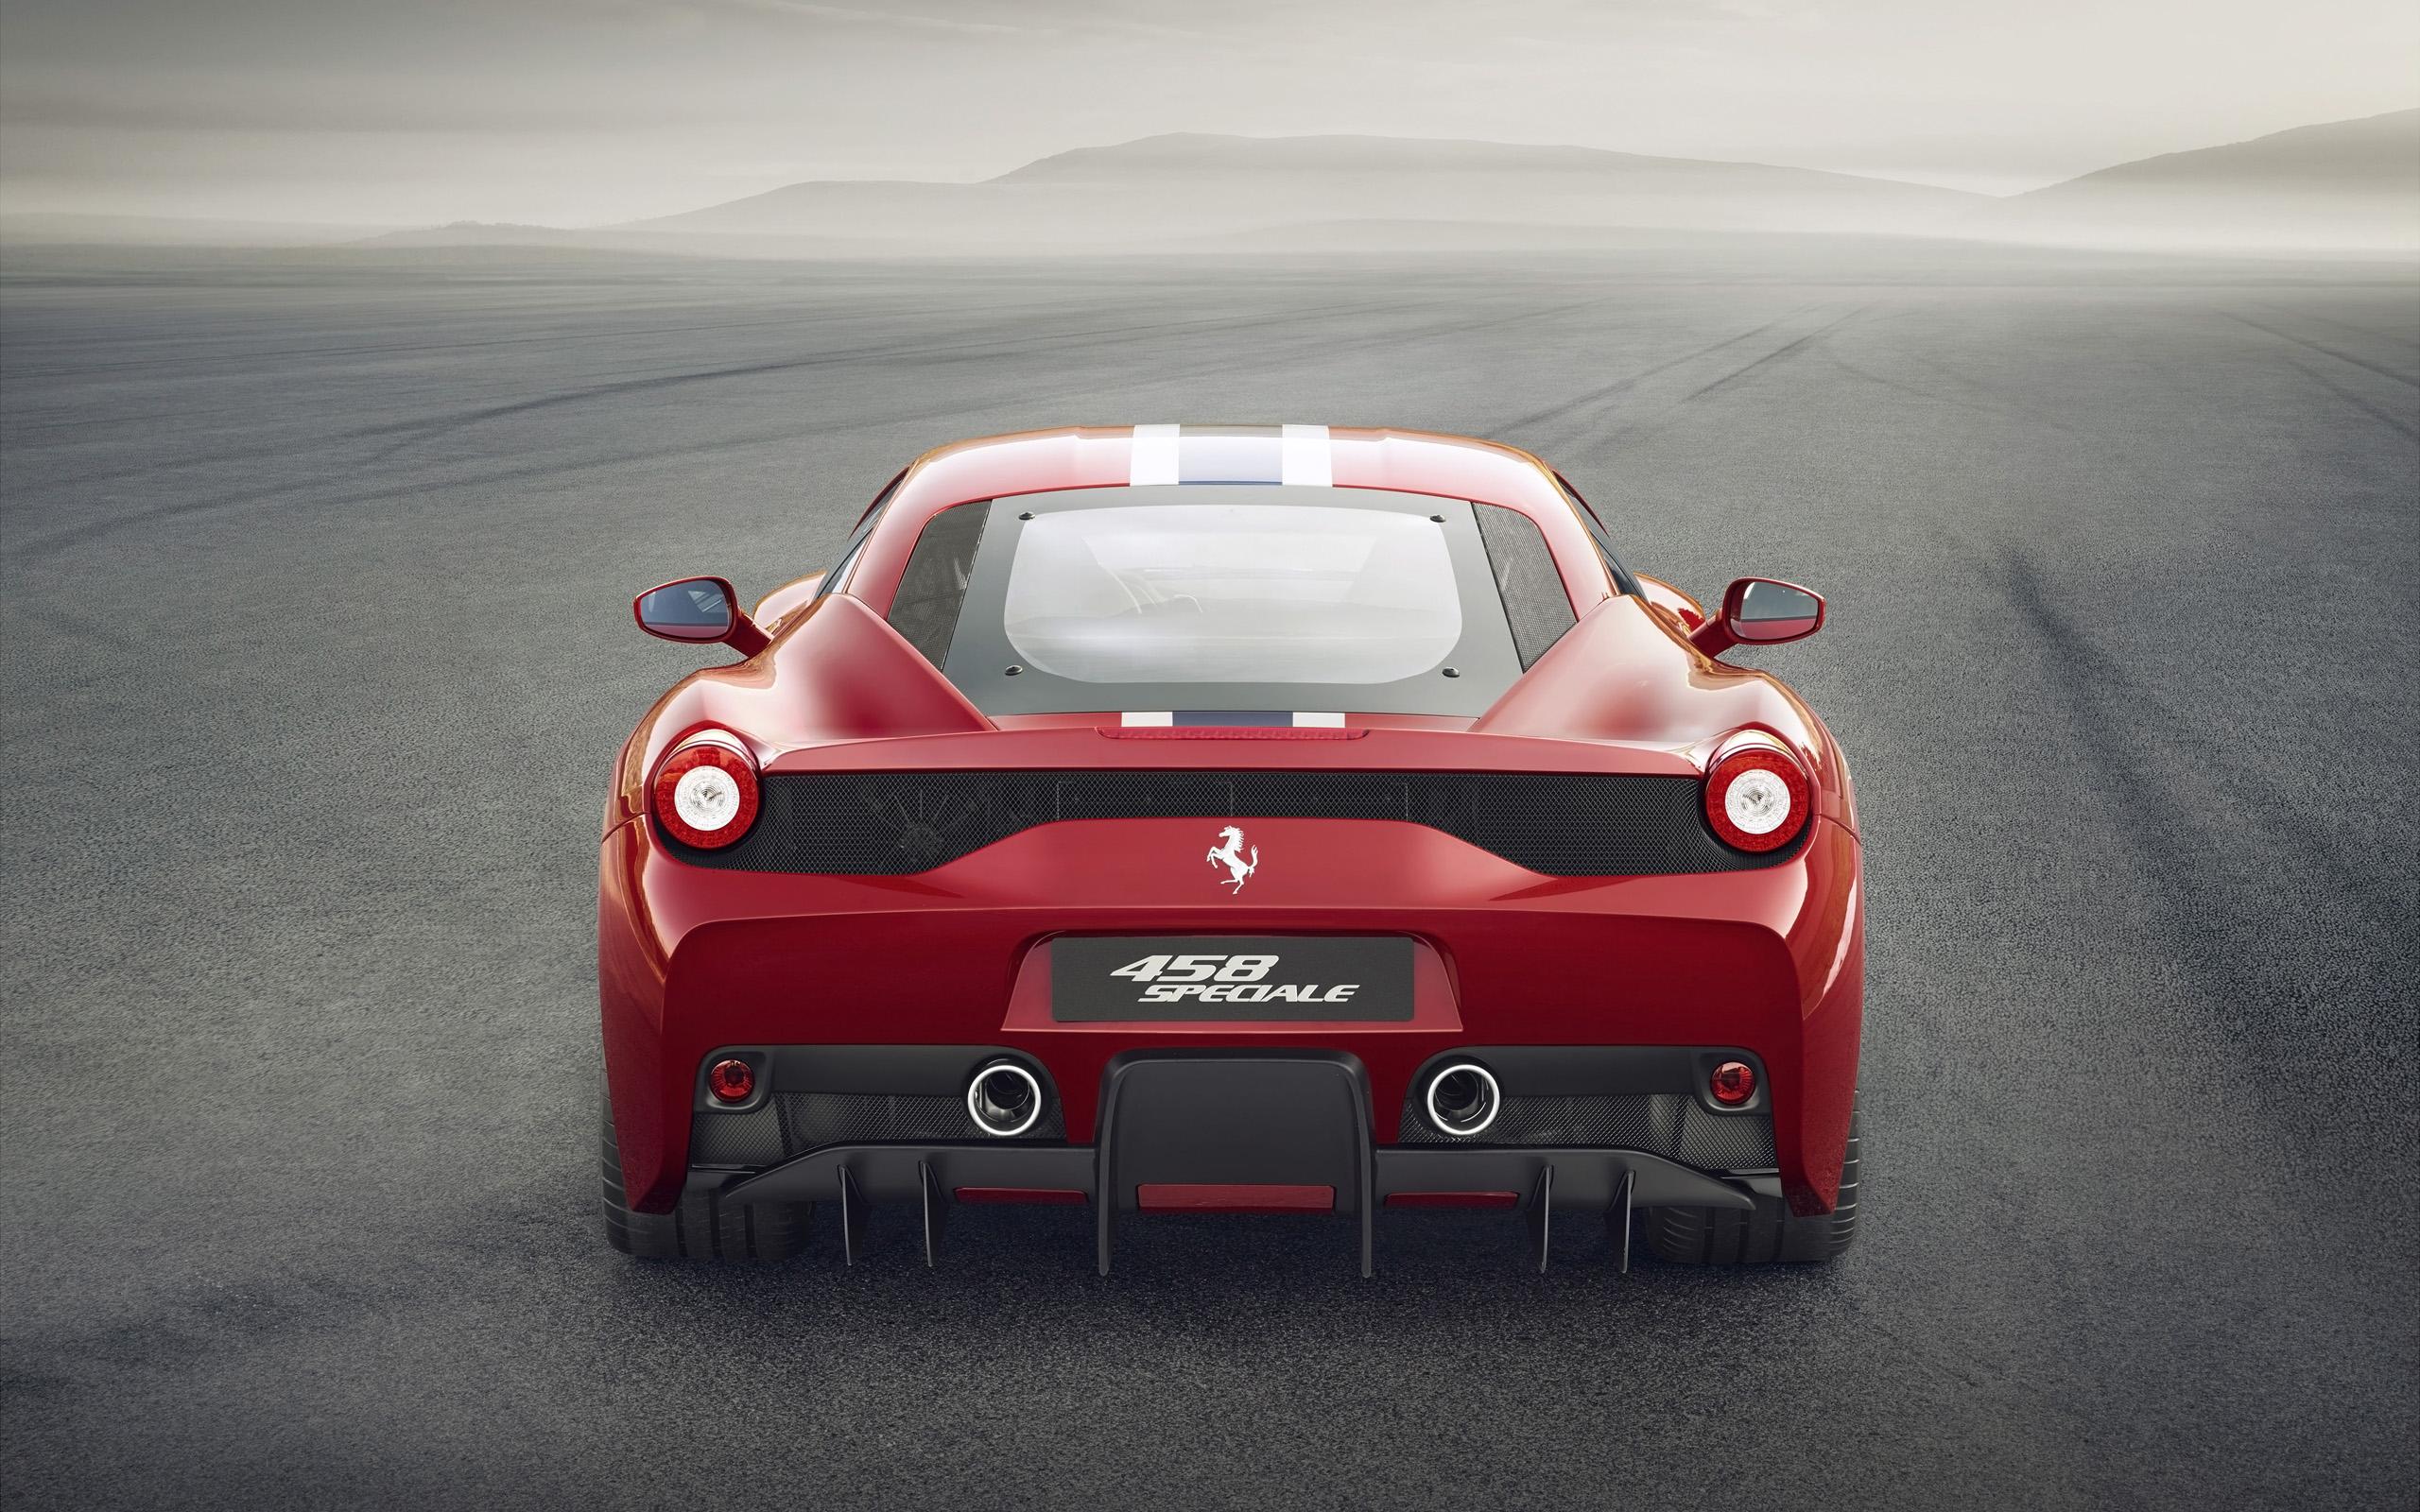 2014 Ferrari 458 Speciale 2 Wallpaper Hd Car Wallpapers Id 3641